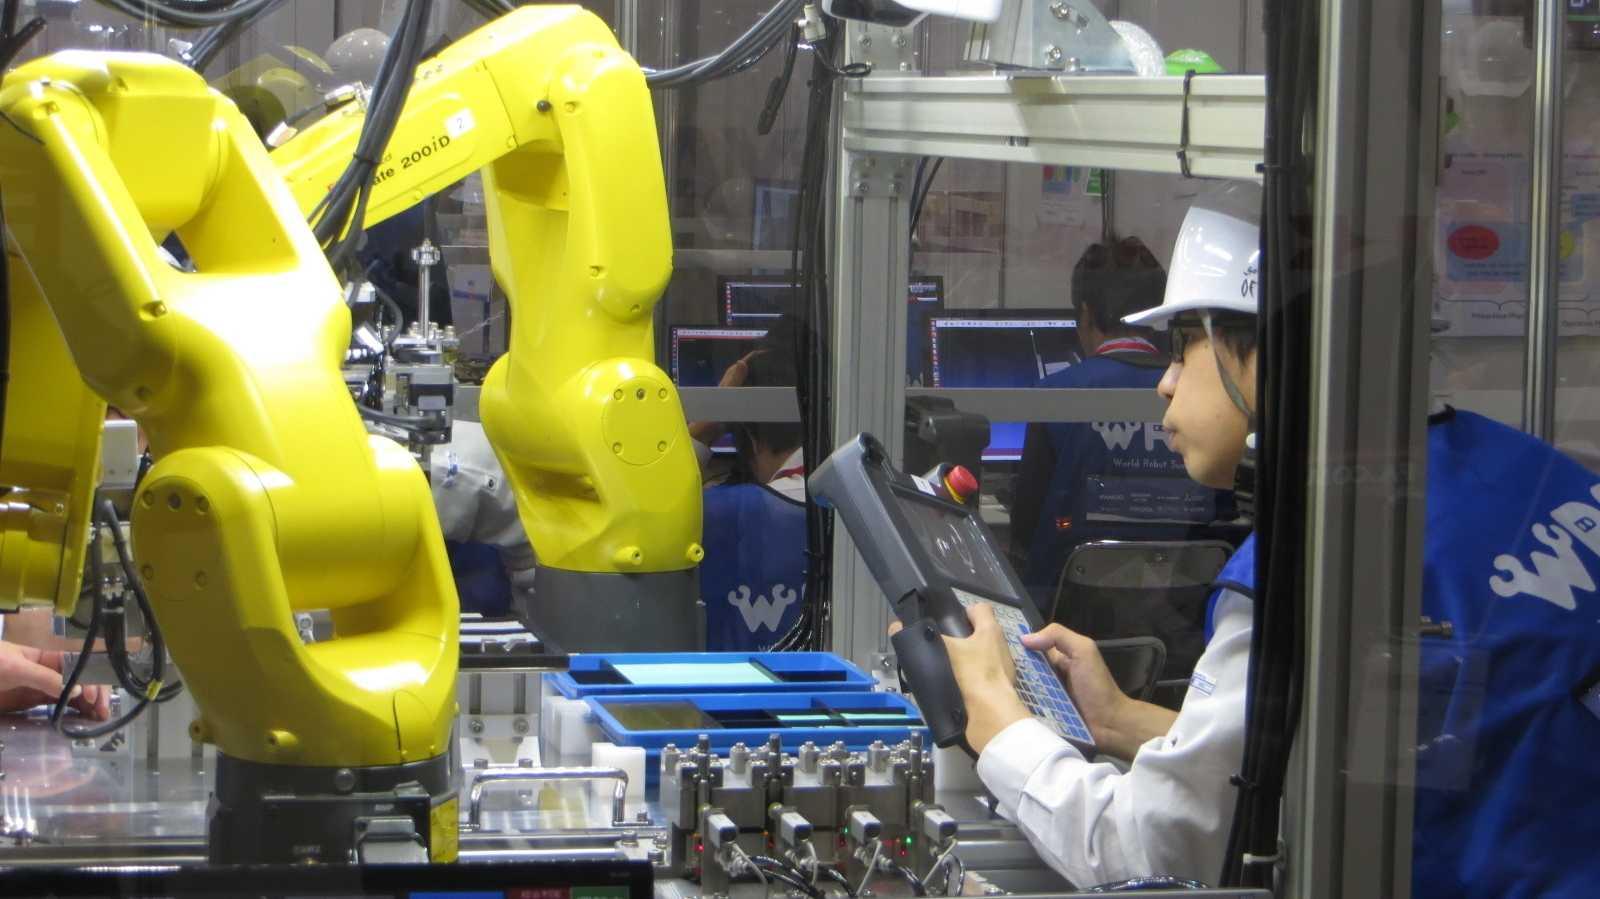 World Robot Summit: Wettkampf der Industrieroboter – Klassik gegen Moderne